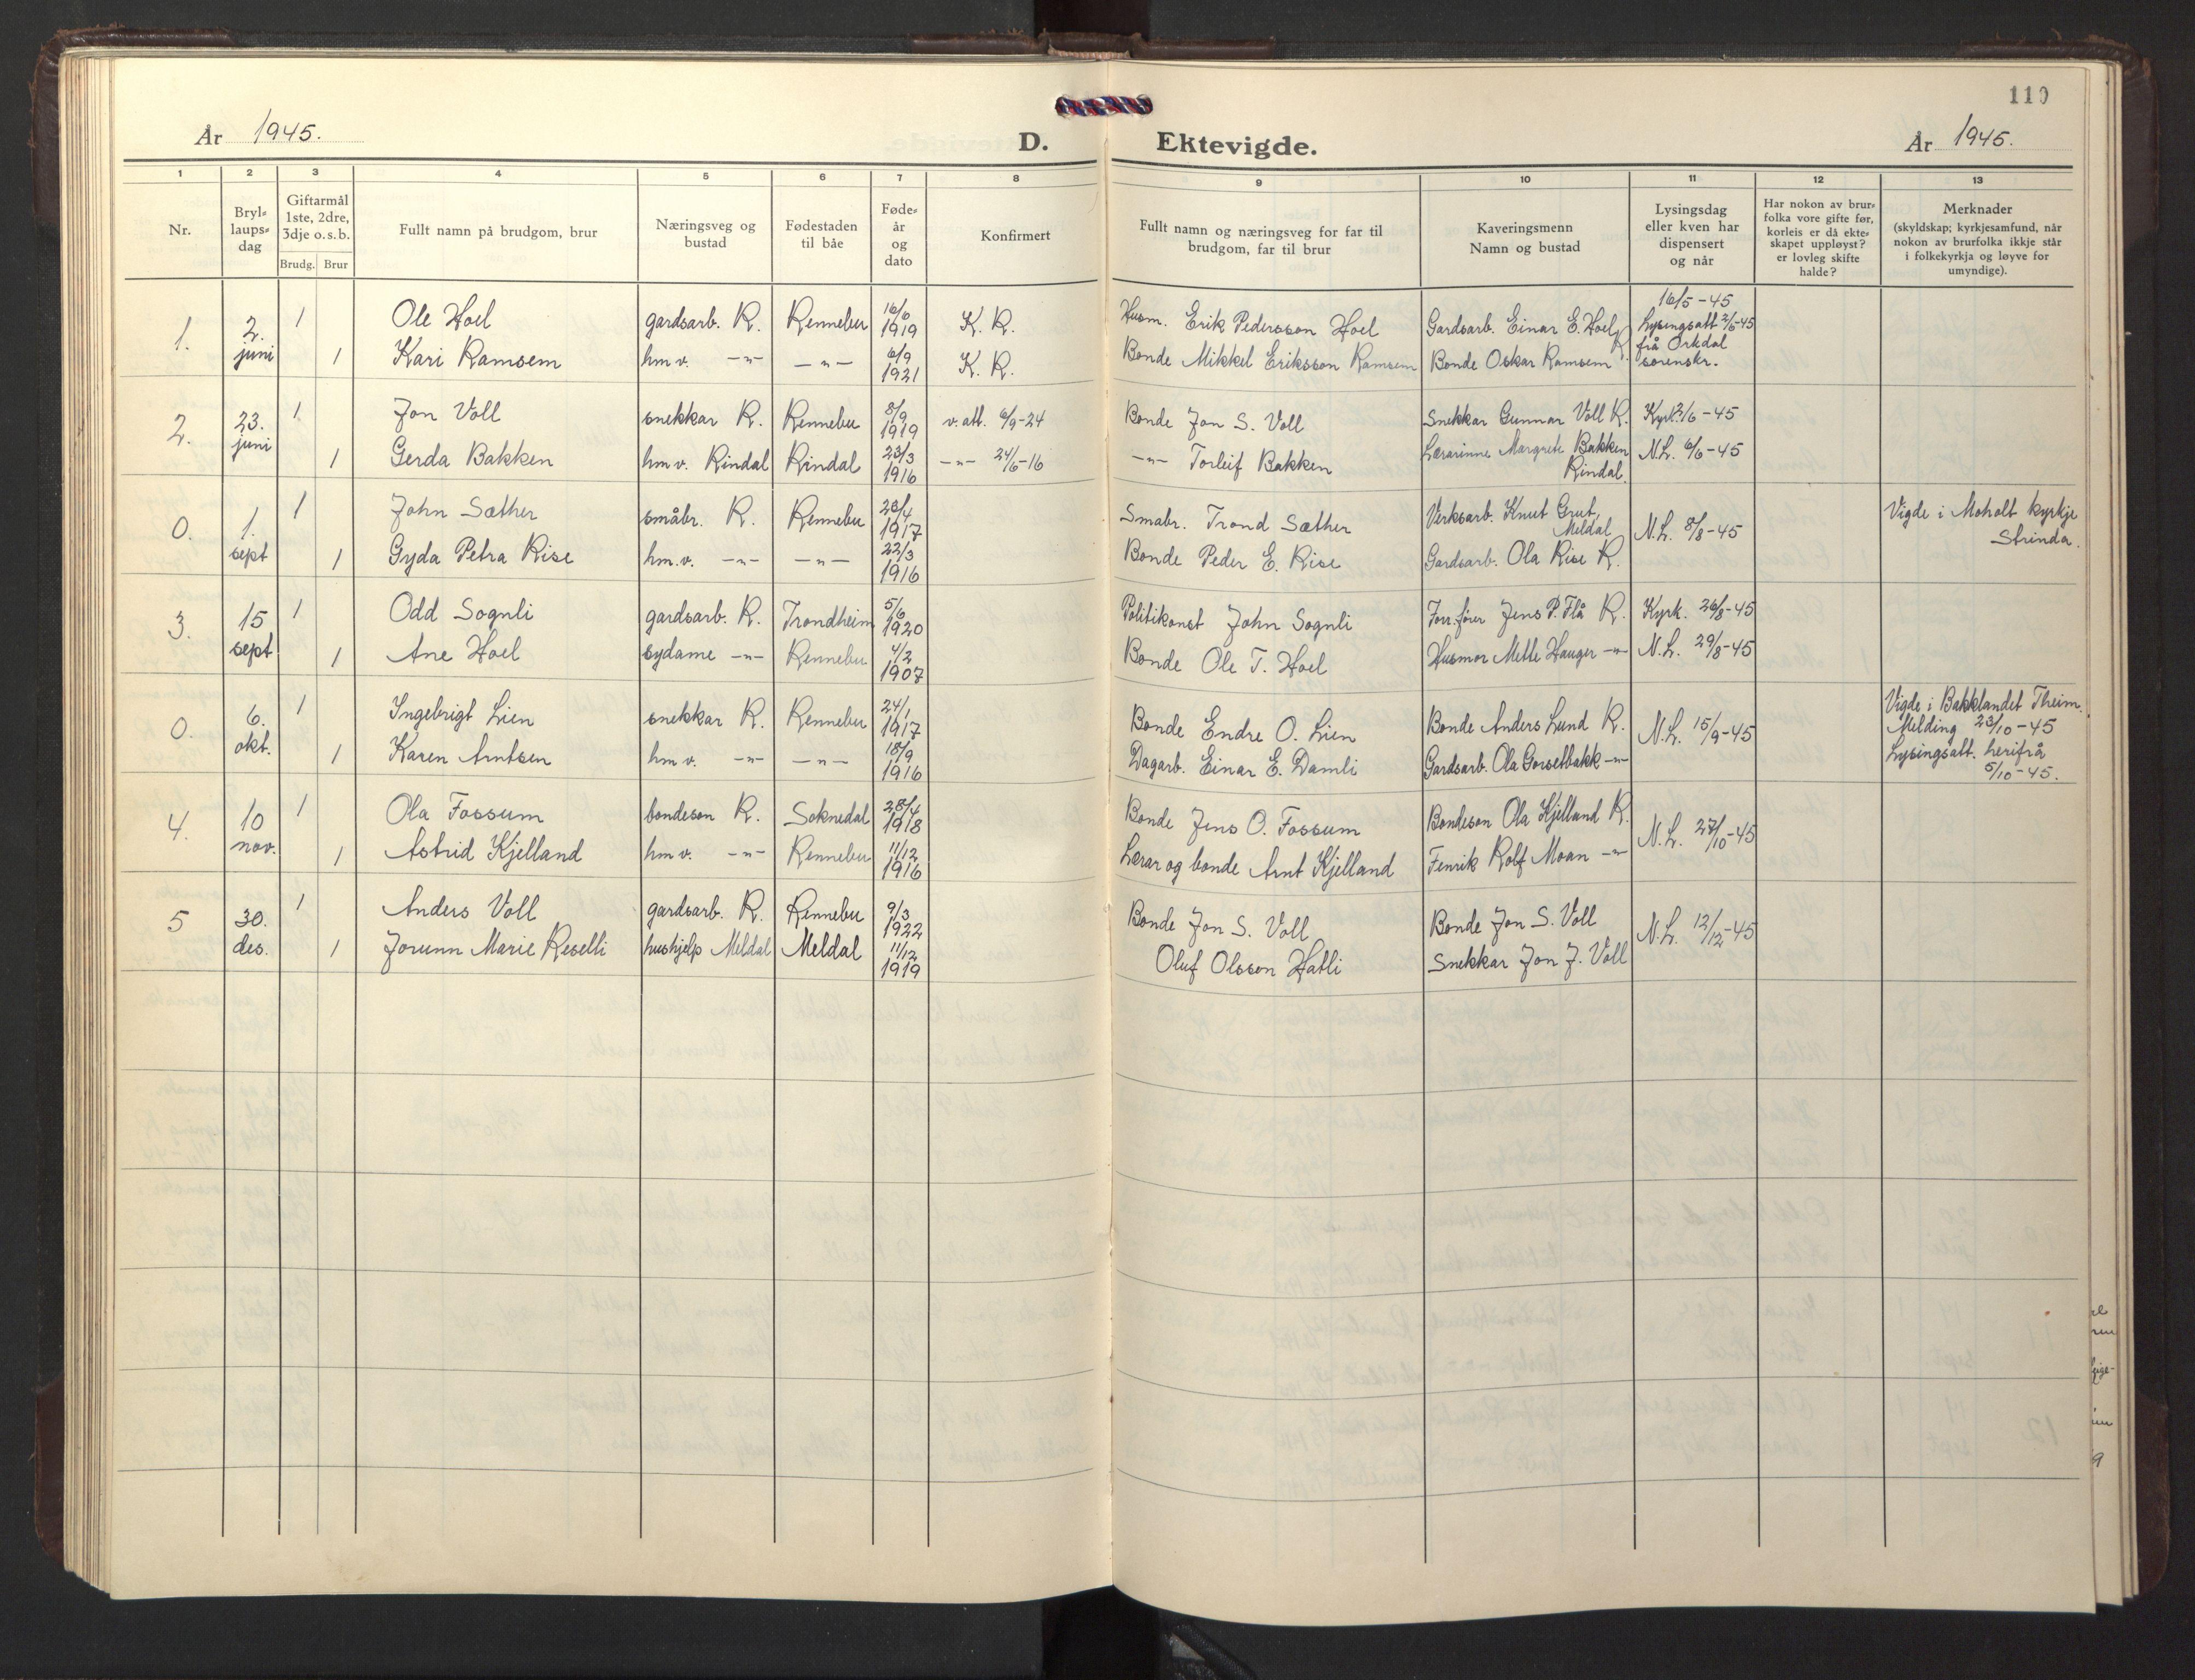 SAT, Ministerialprotokoller, klokkerbøker og fødselsregistre - Sør-Trøndelag, 674/L0878: Klokkerbok nr. 674C05, 1941-1950, s. 110